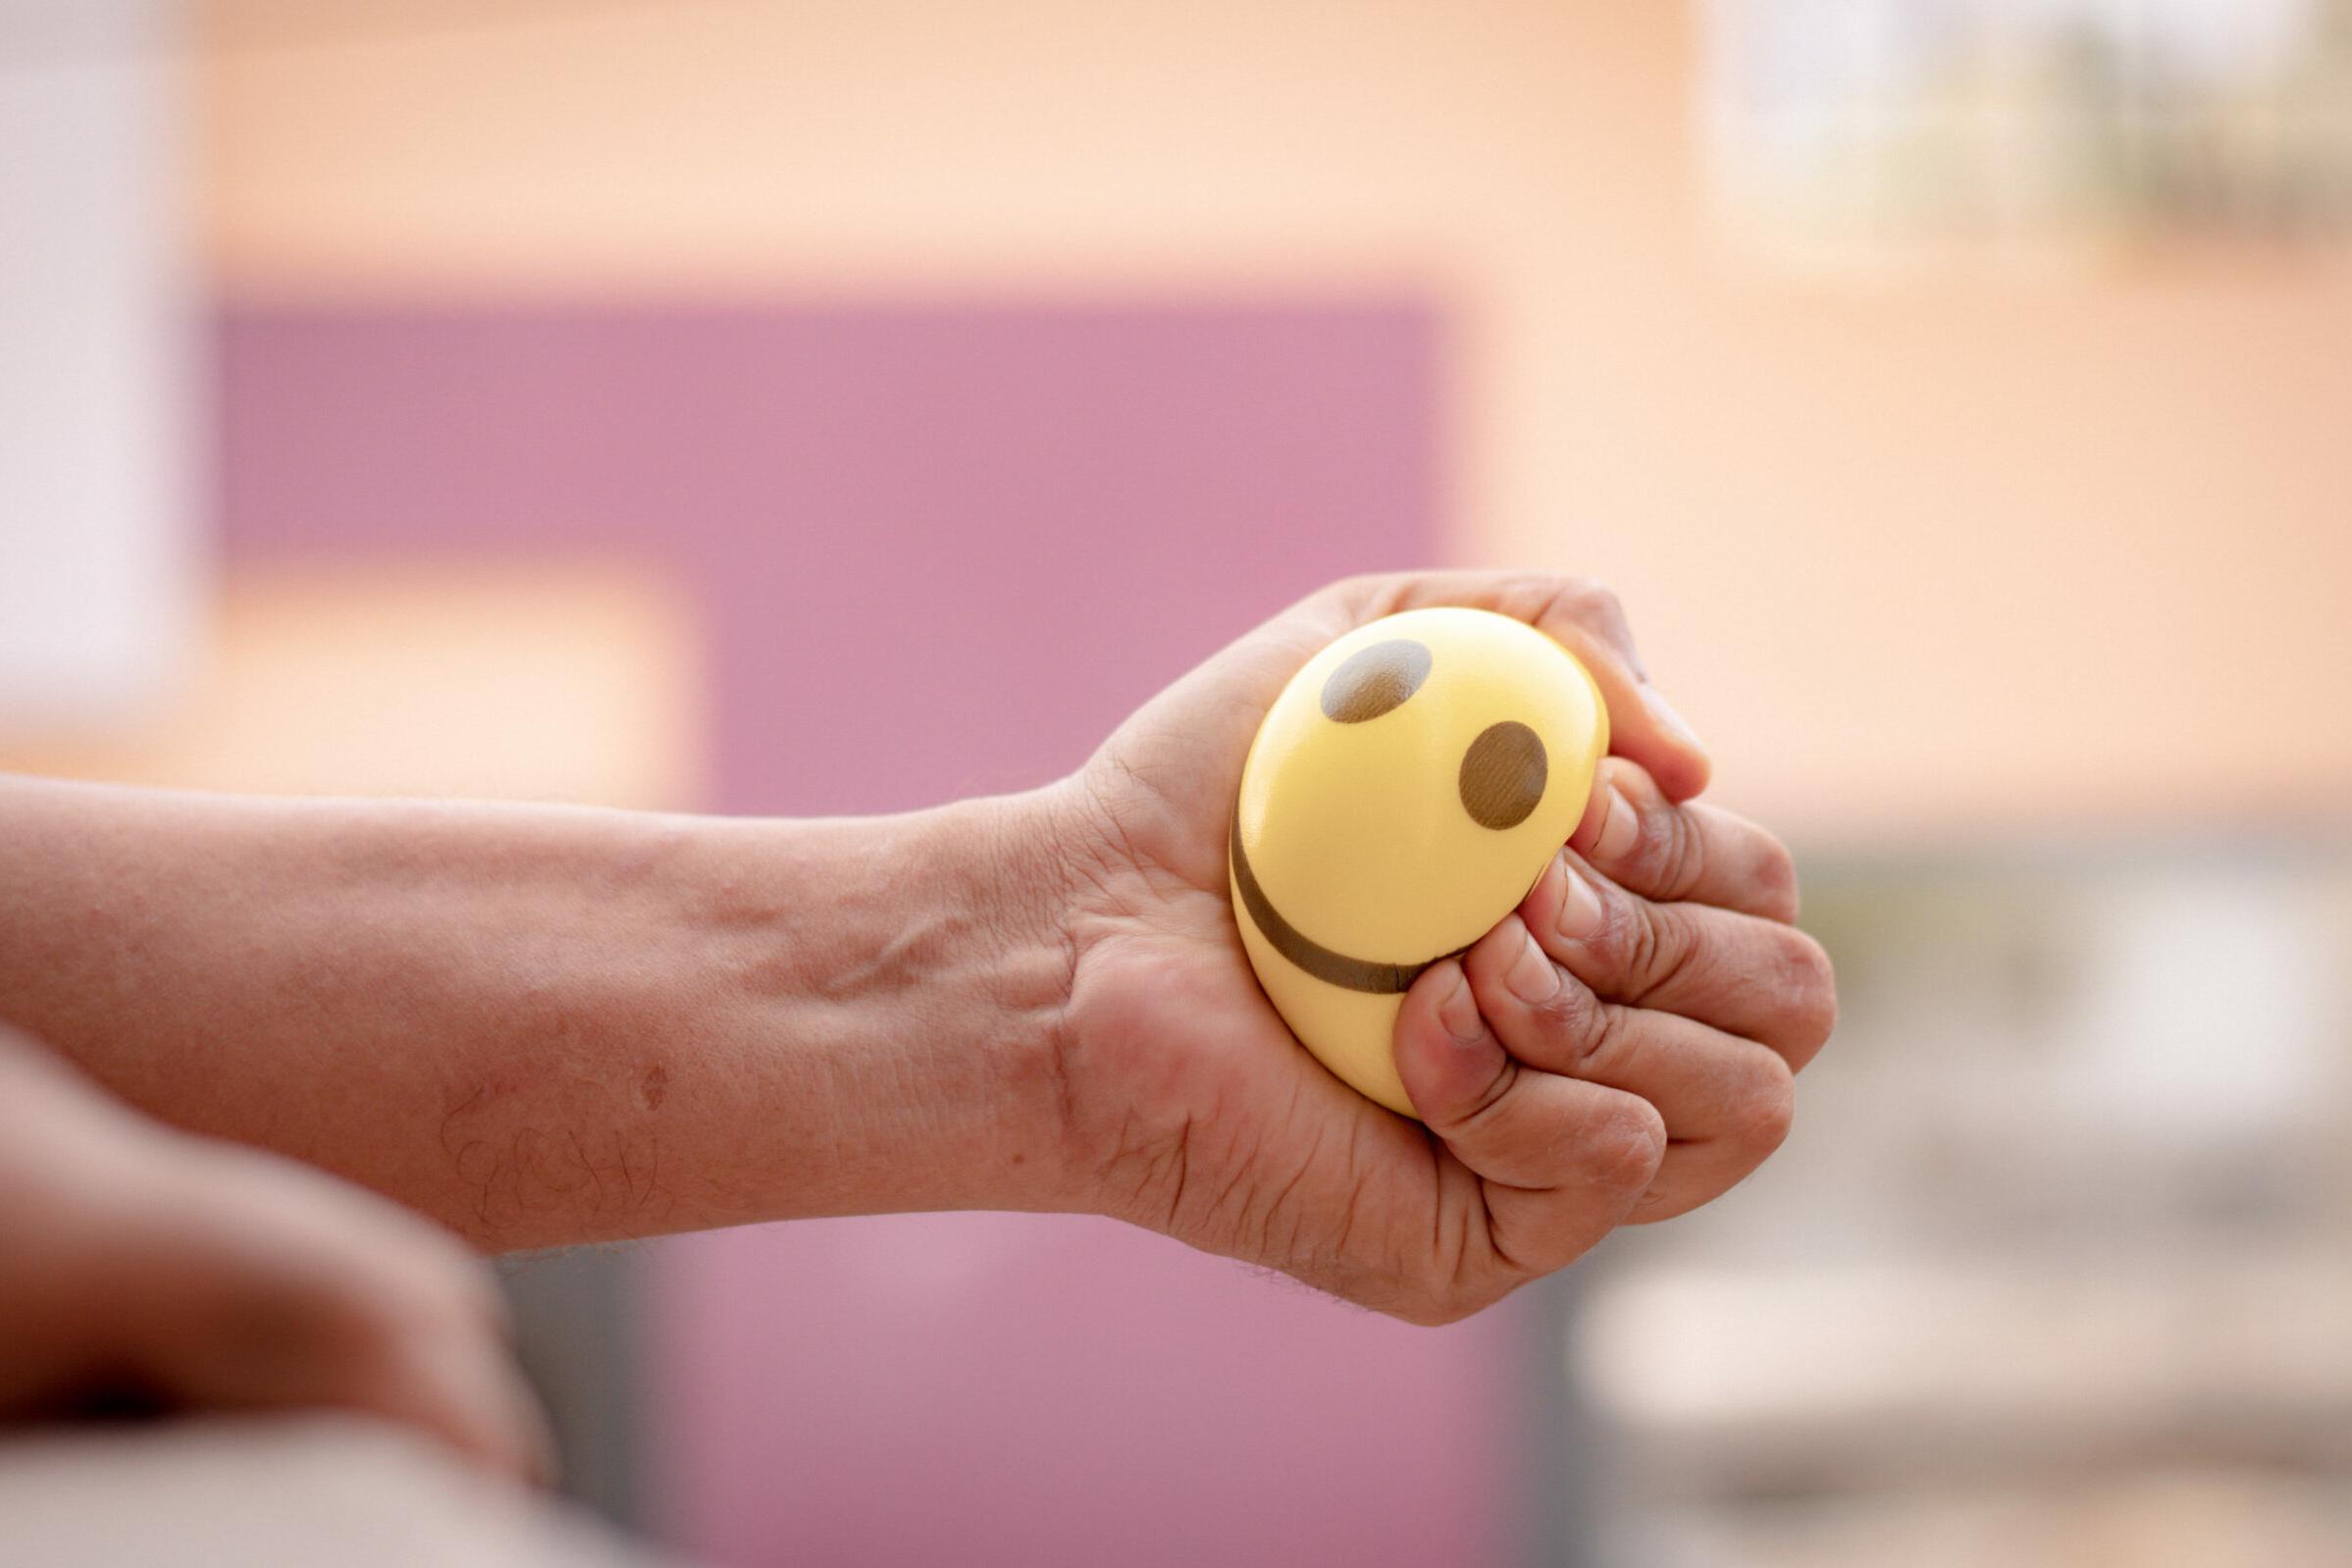 Stress: Eine Hand drückt einen weichen Ball zusammen, um Stress abzulassen.